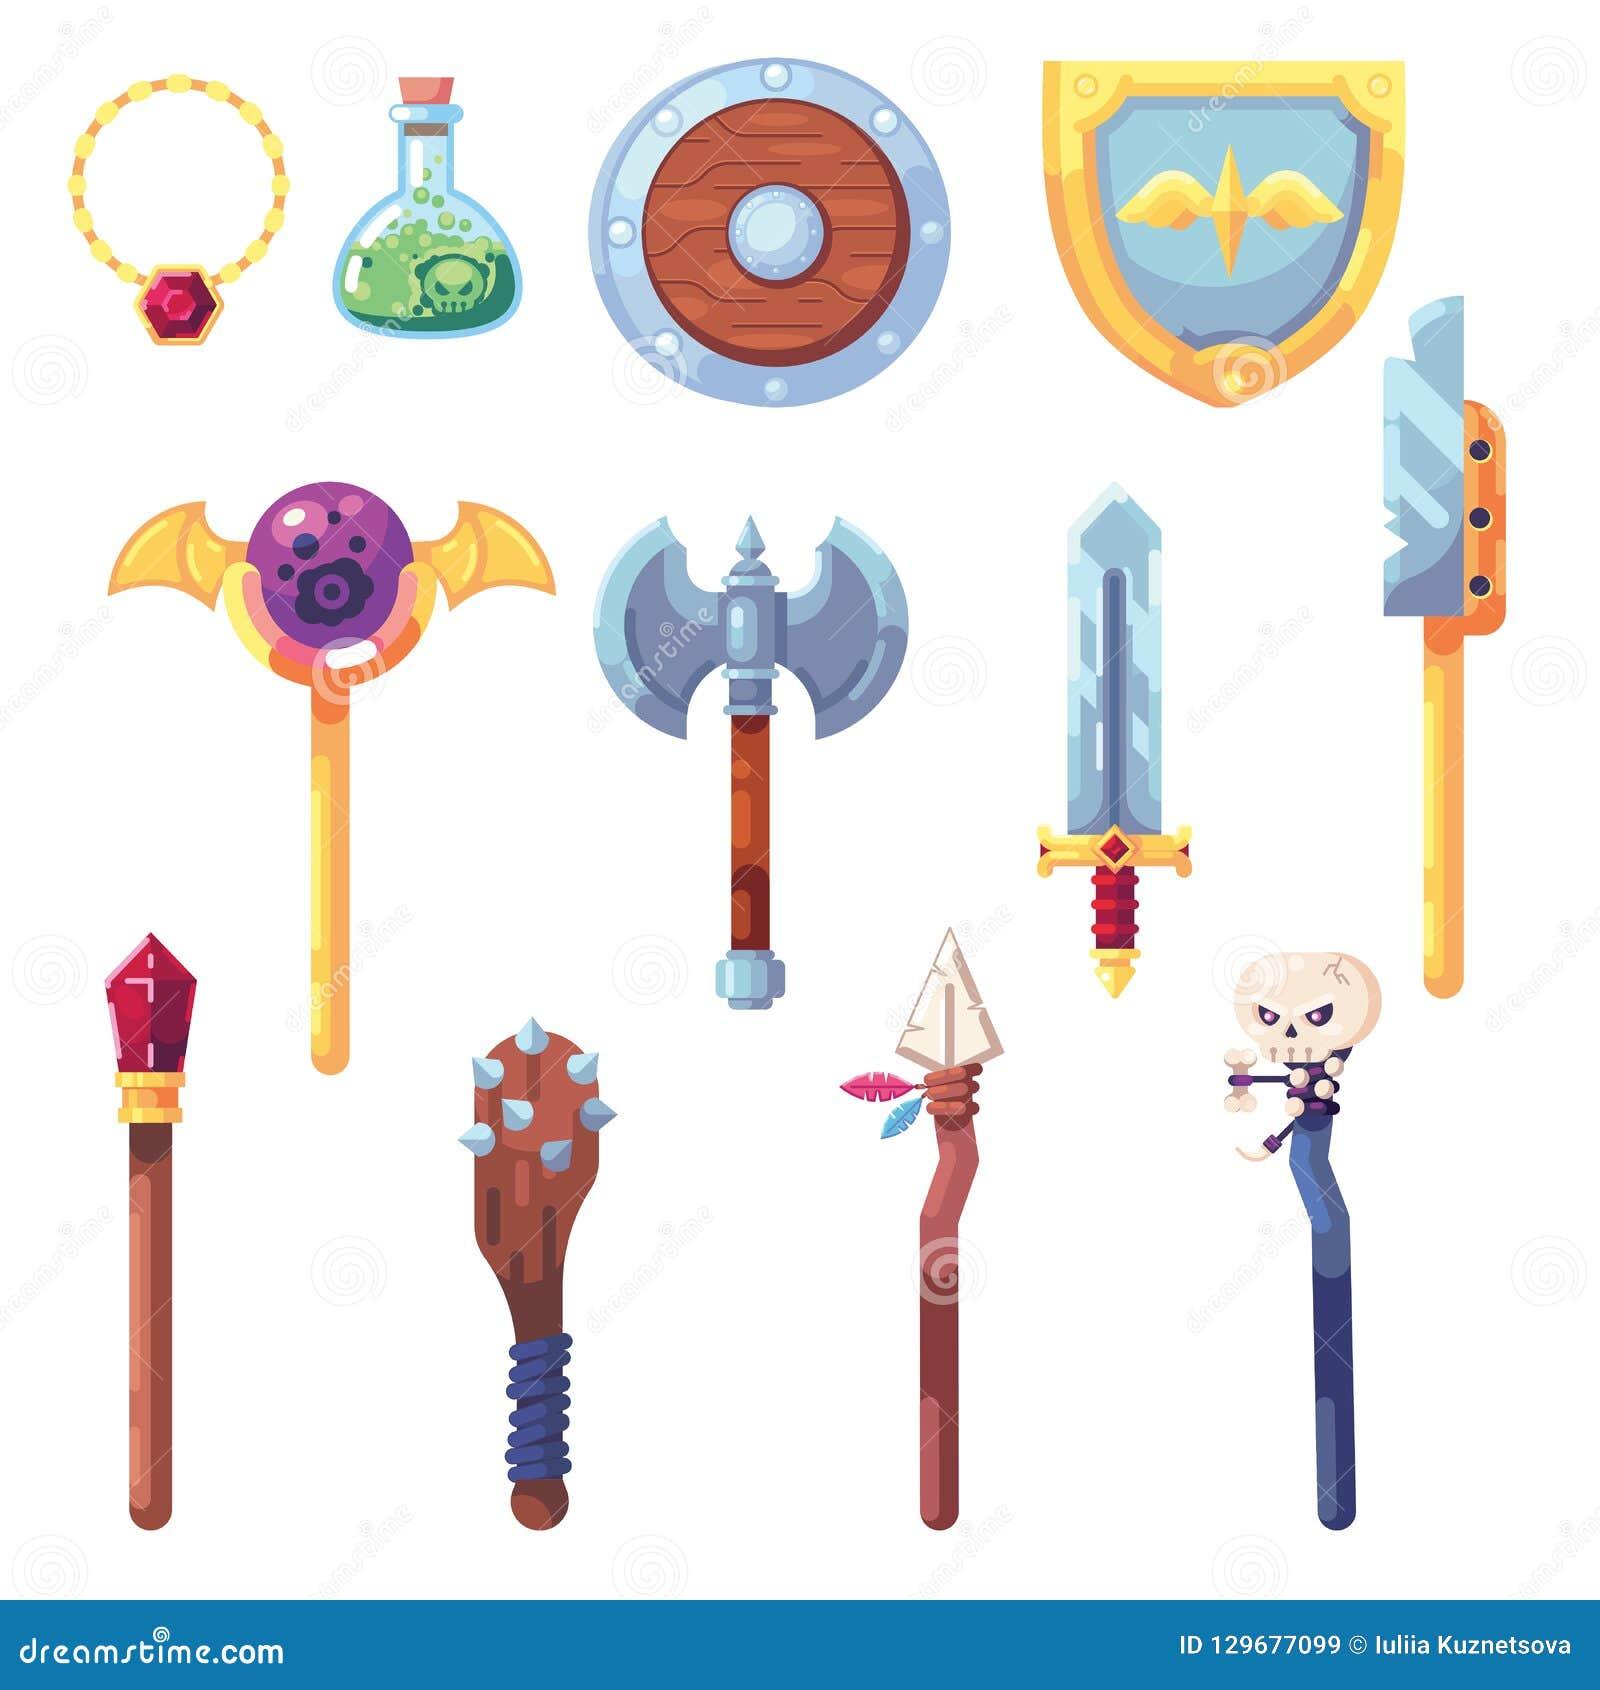 Waffe RPG-Spielsatzausrüstungsbeutebeutenbogenklingenstabspersonalgiftsachenartefakt-Inventarvektor